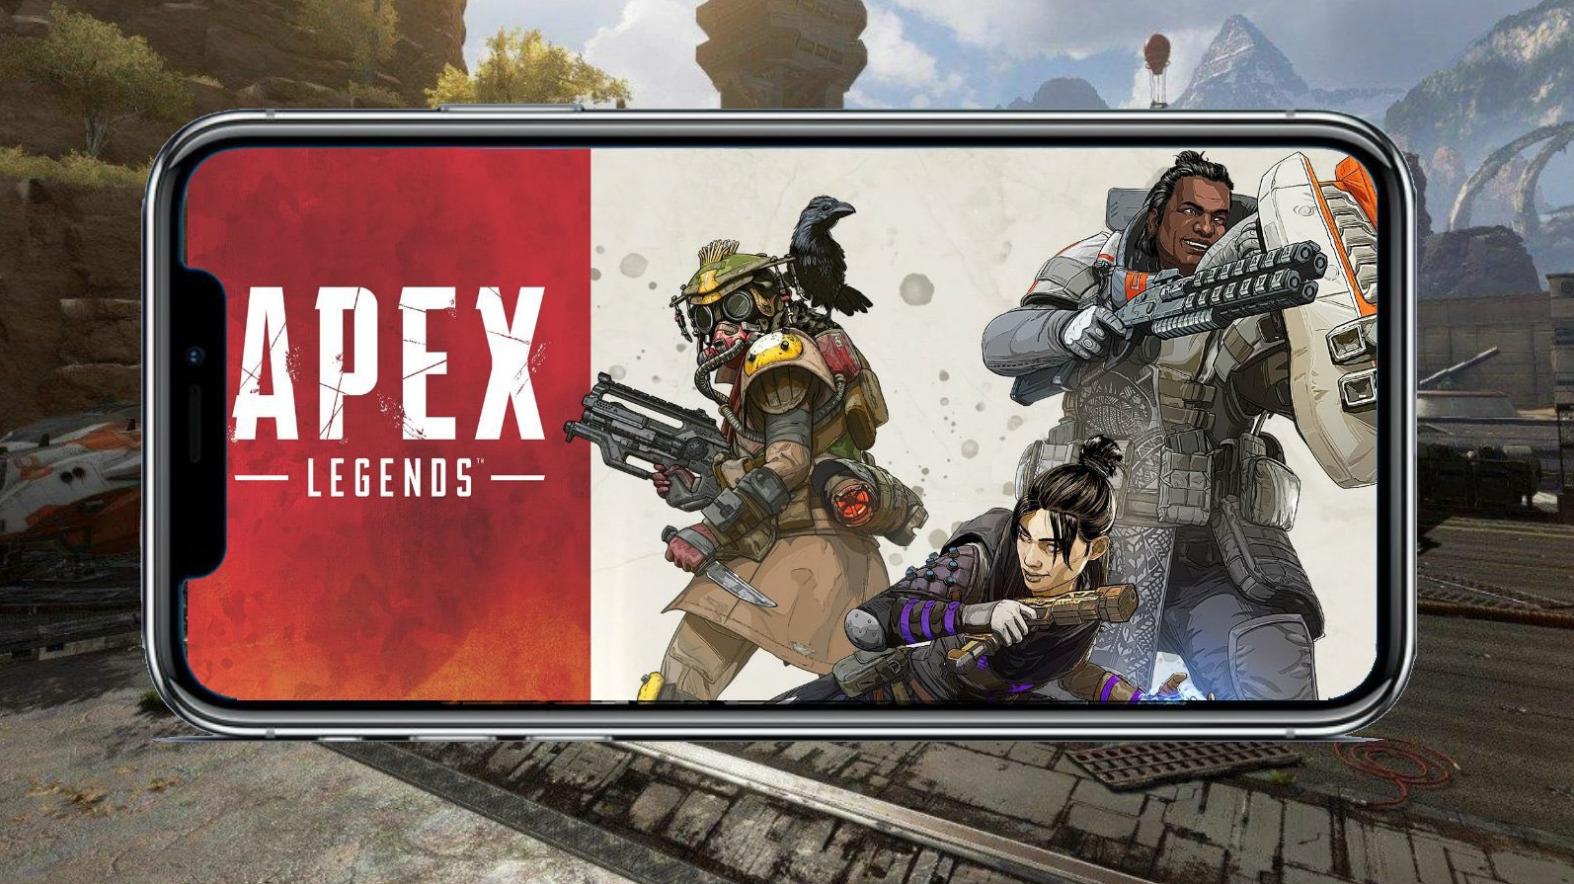 【Apex Legends】モバイル版はいつから?配信日について【エーペックスレジェンズ】